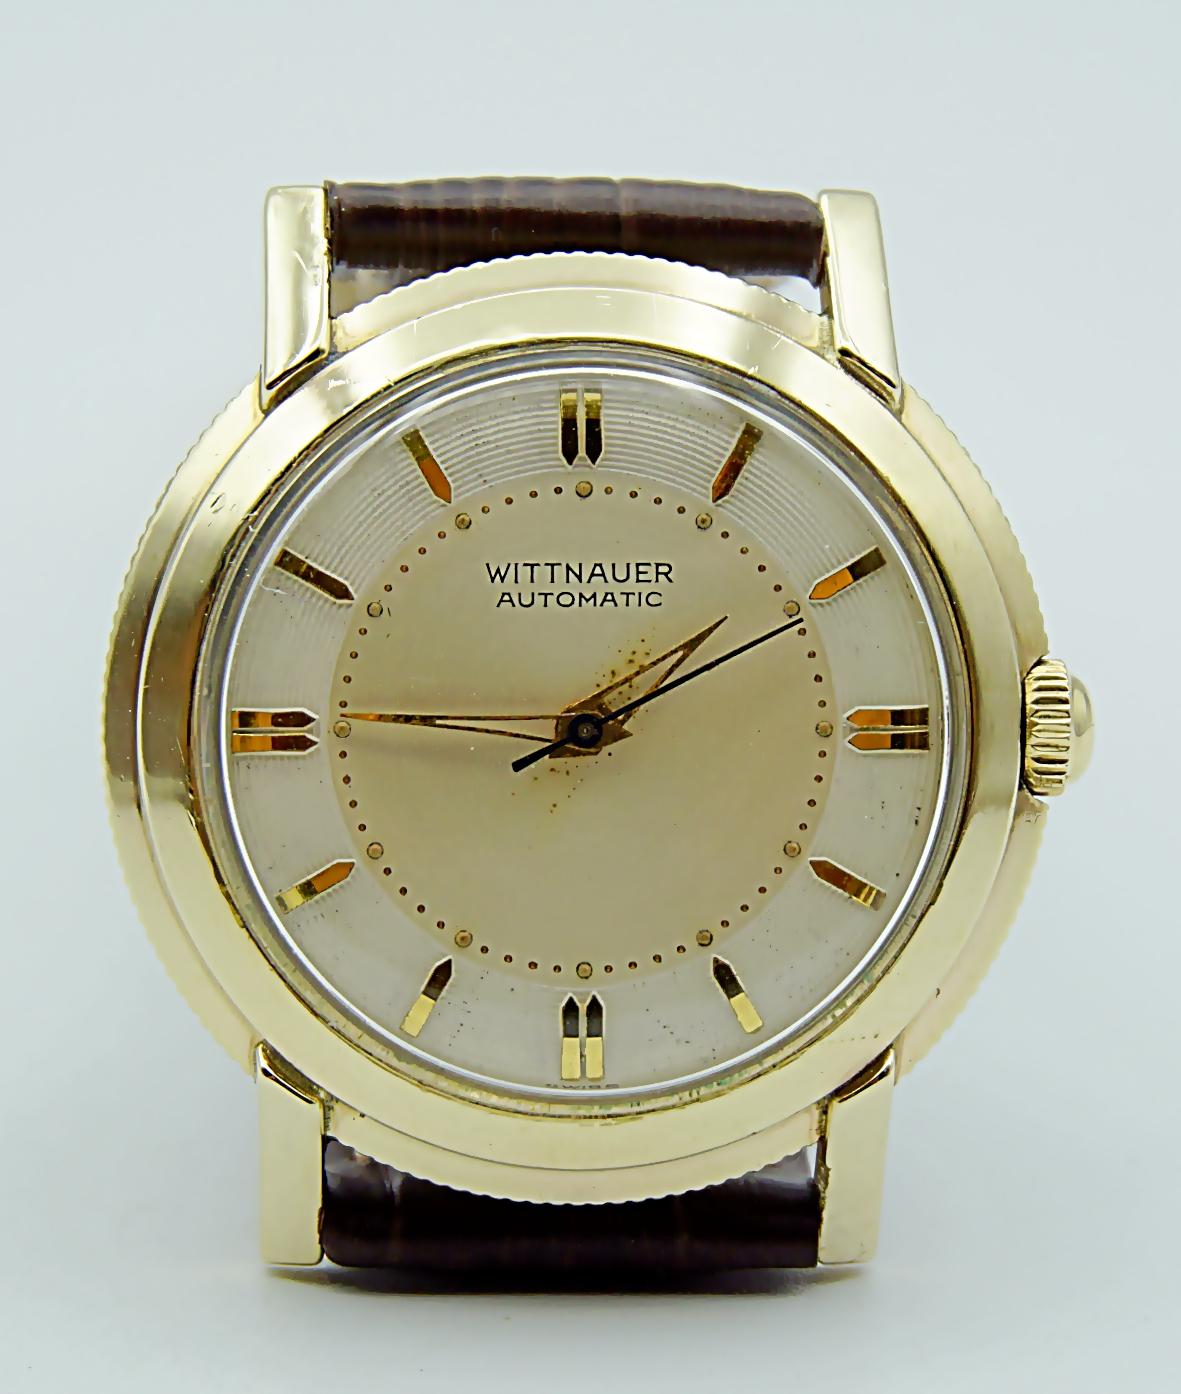 นาฬิกาเก่า WITTNAUER BY LONGINES ออโตเมติก